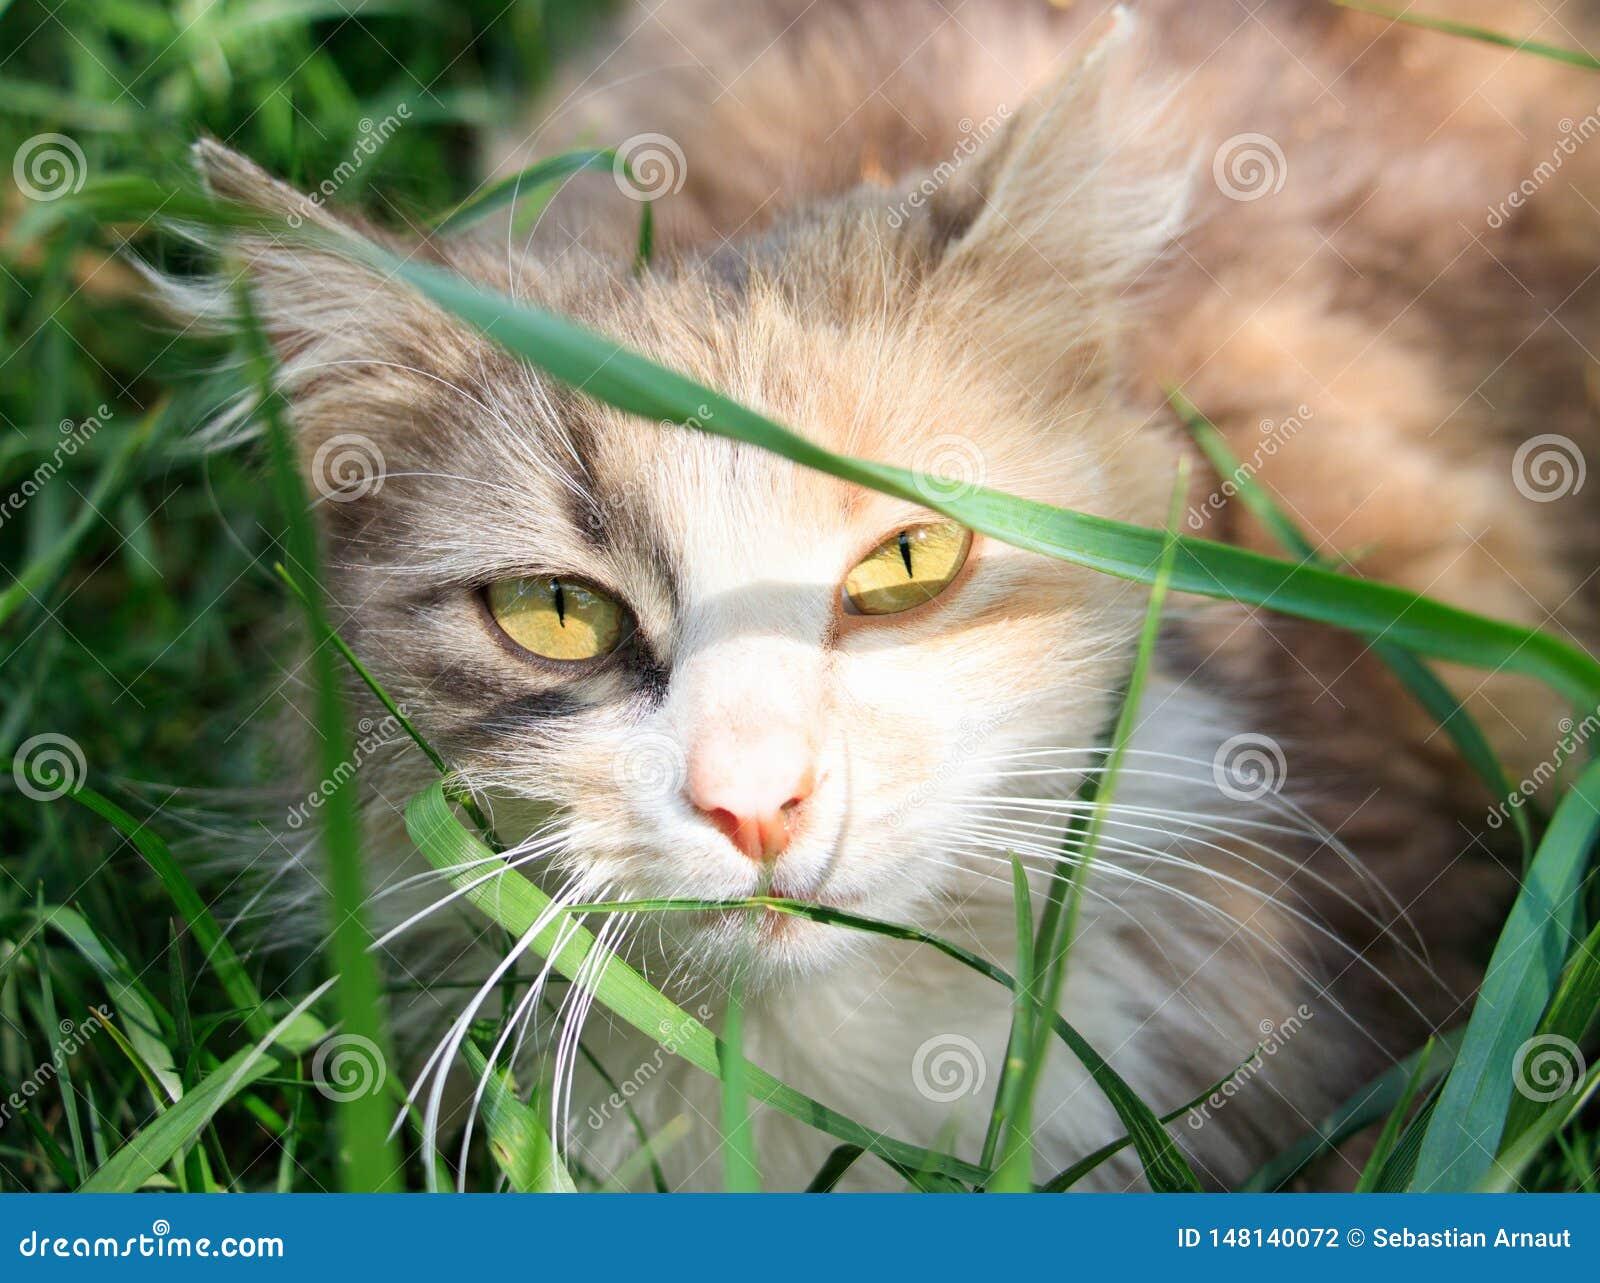 Μια γάτα κρύβει στη χλόη μια ηλιόλουστη ημέρα και εξετάζει το φακό καμερών